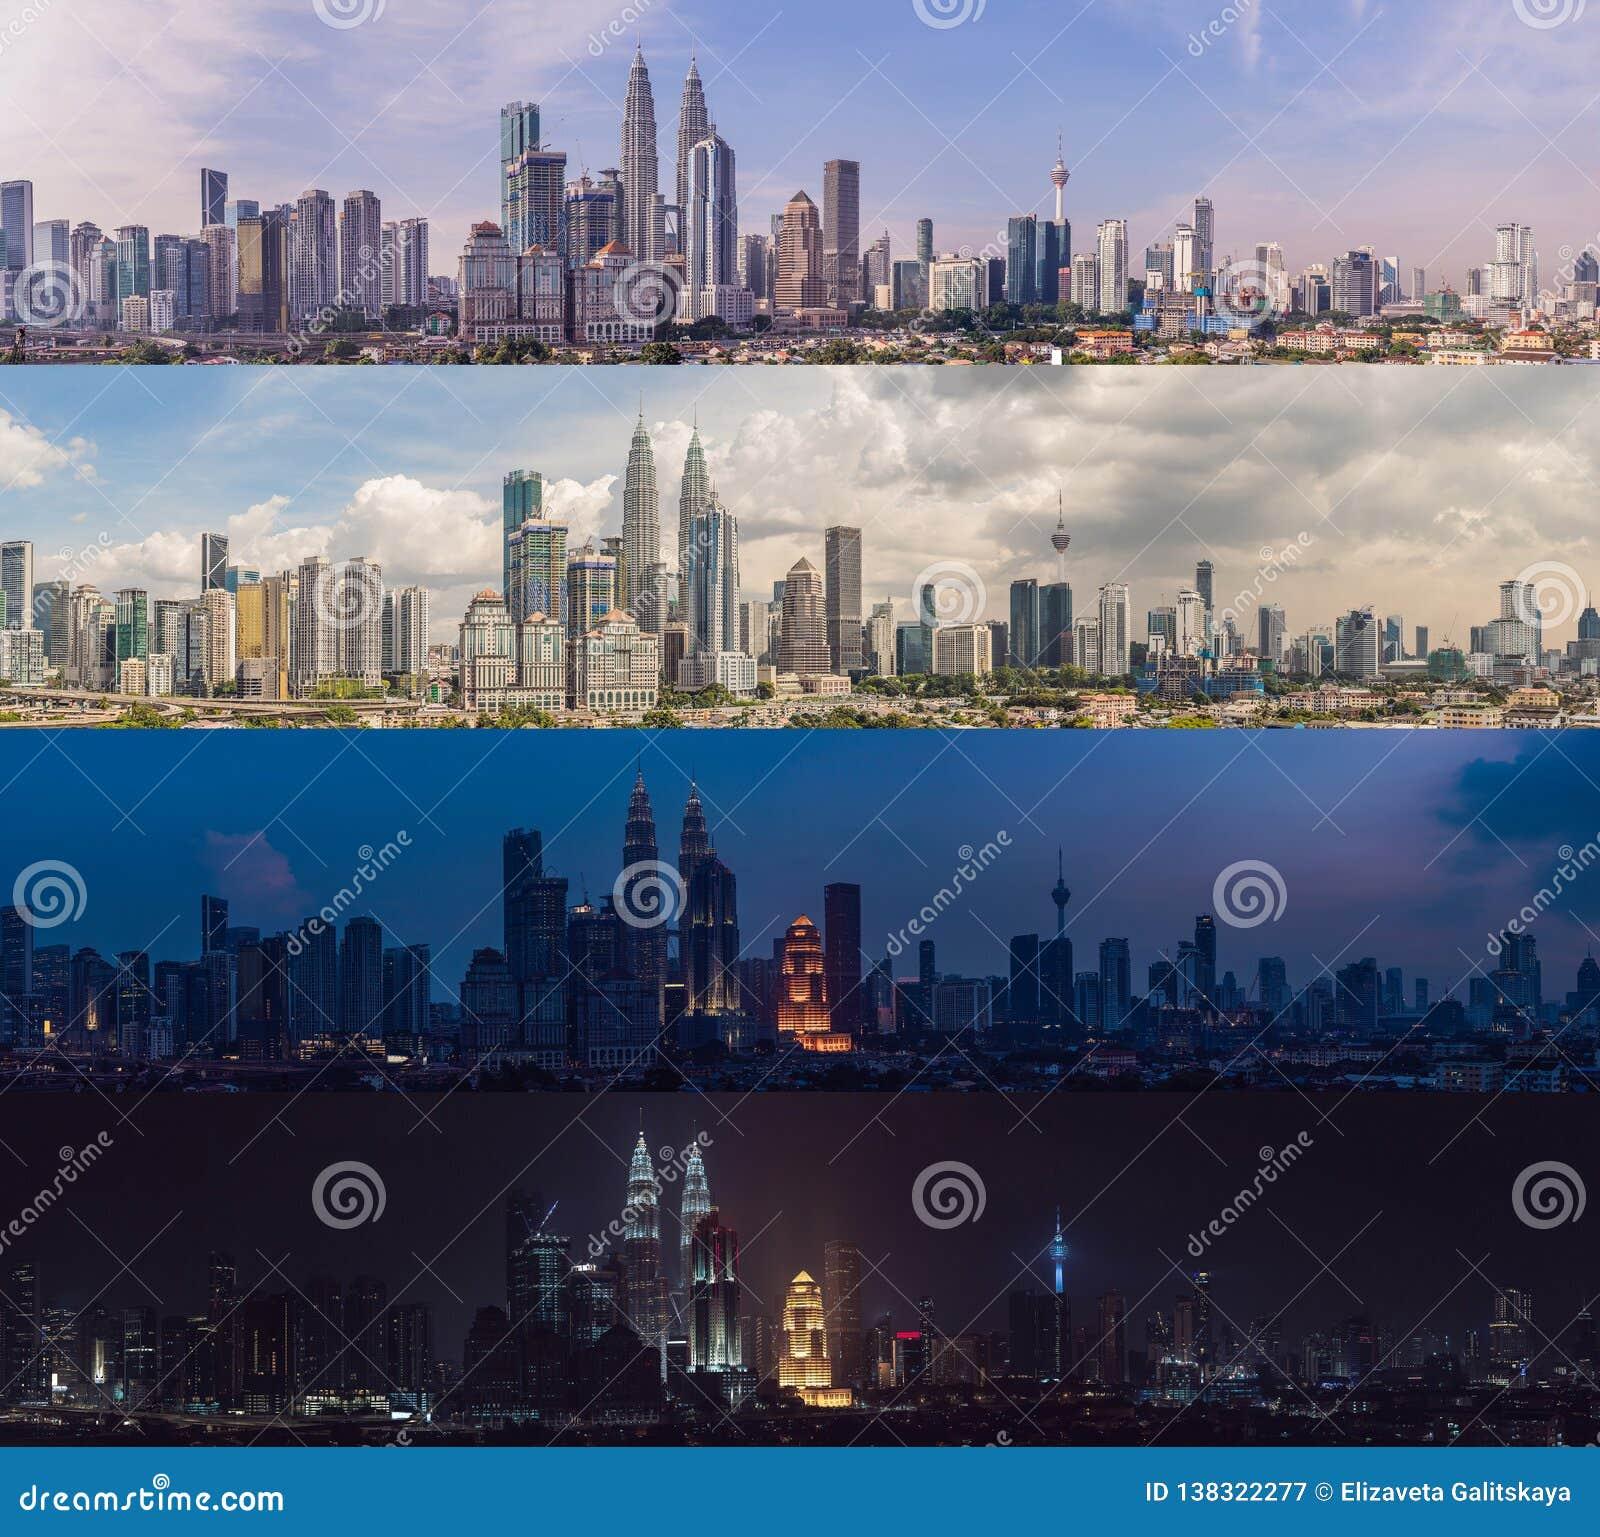 Morgen Nachmittag Abend-Nacht Uhrzeit vier Kuala Lumpur-Skyline, Ansicht der Stadt, Wolkenkratzer mit einem schönen